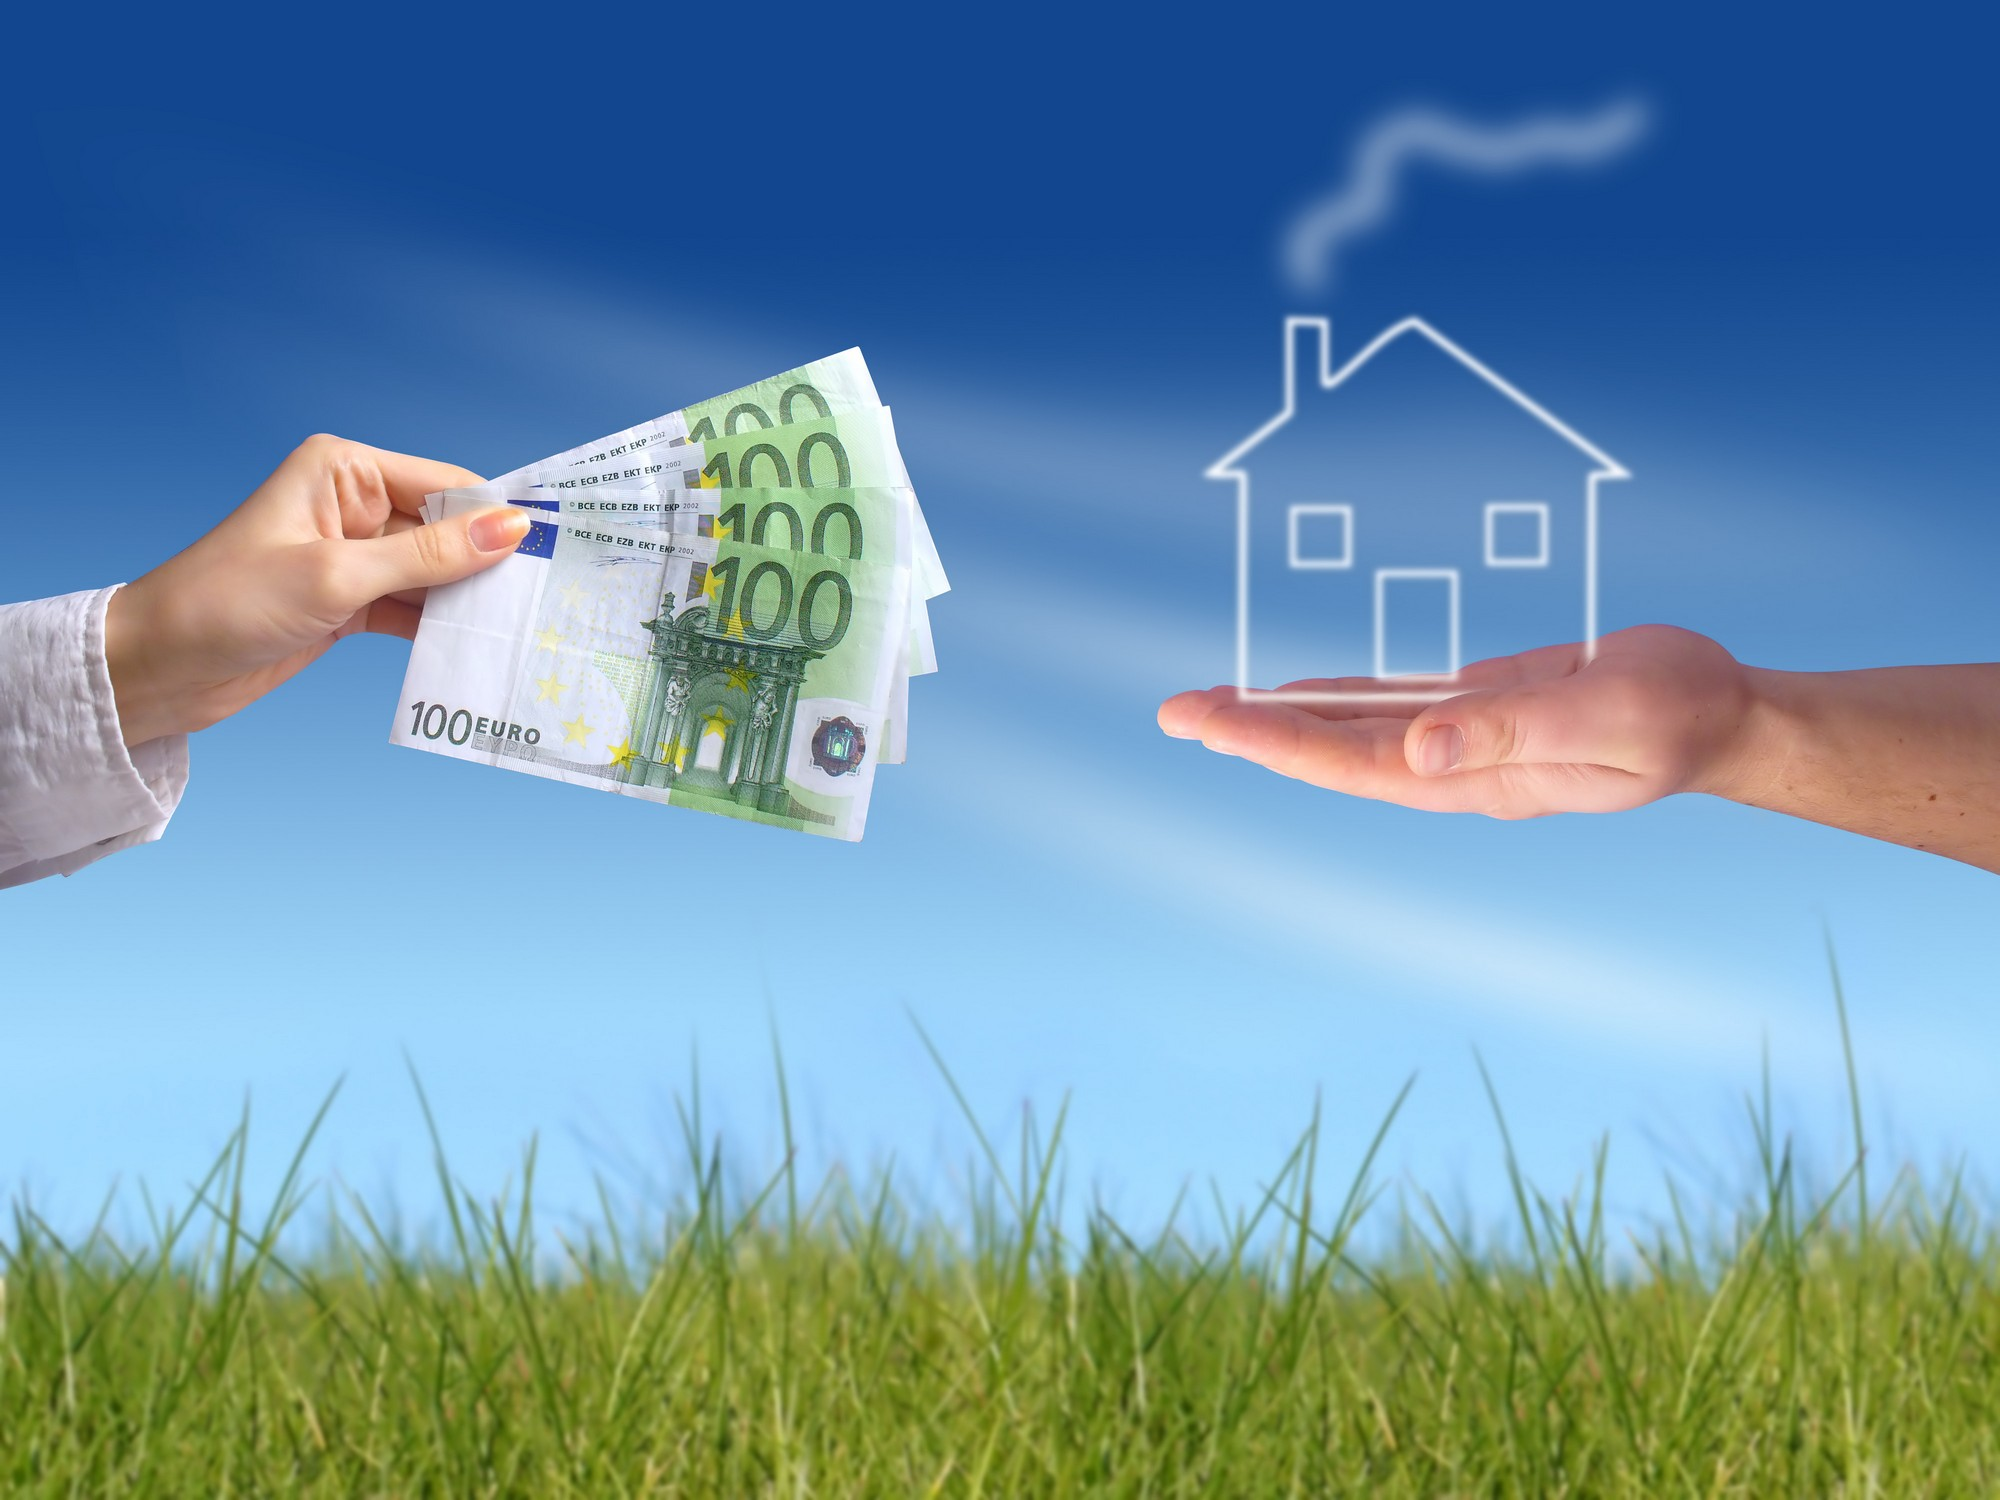 Achat immobilier : une tendance qui marque les esprits